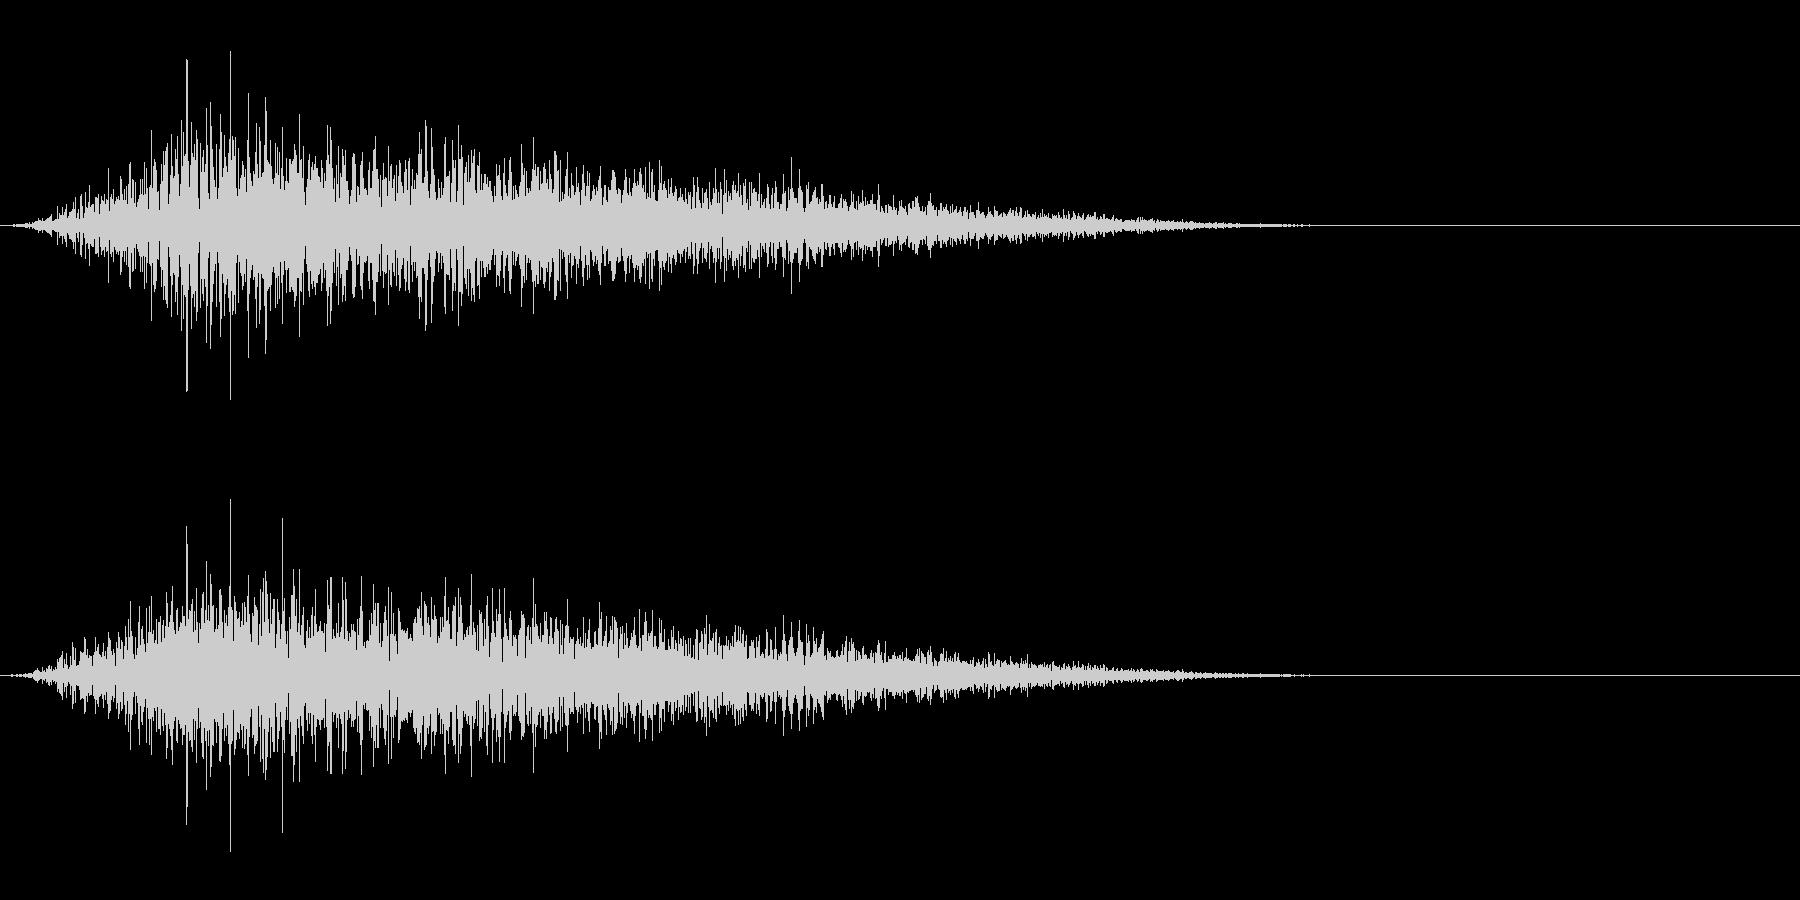 シュイーン(パワーアップ/レベルアップ)の未再生の波形